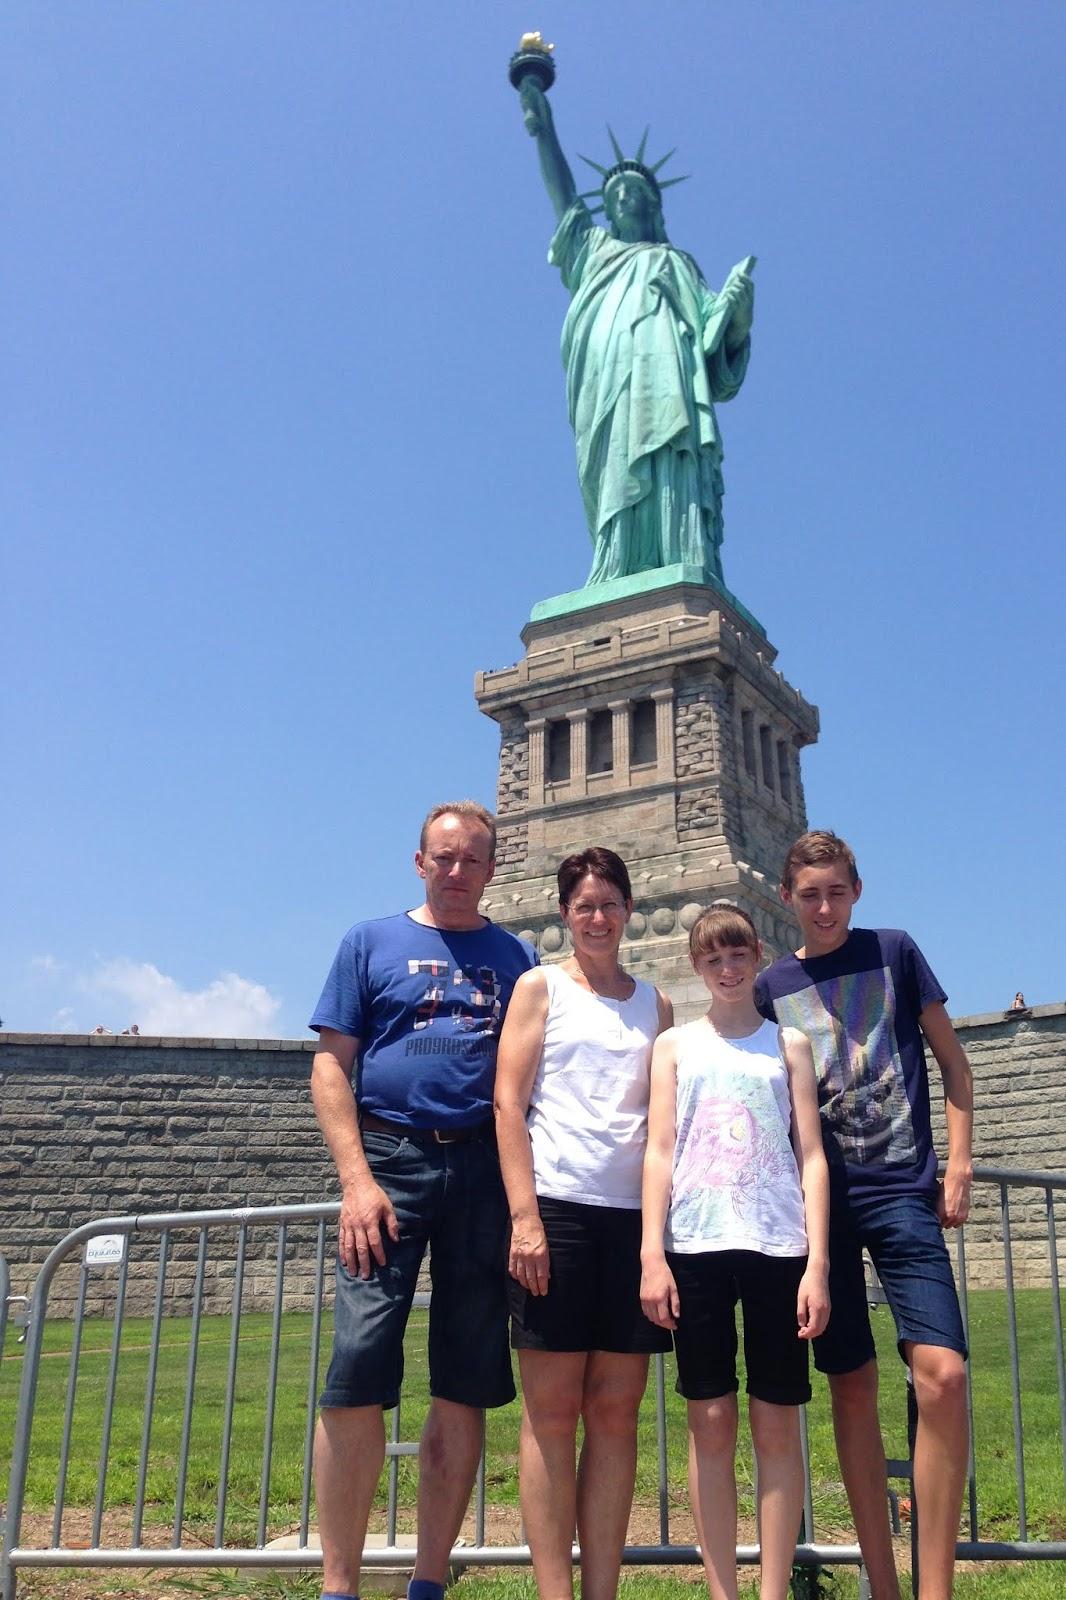 Vores Rejser 19 Juli Frihedsgudinden